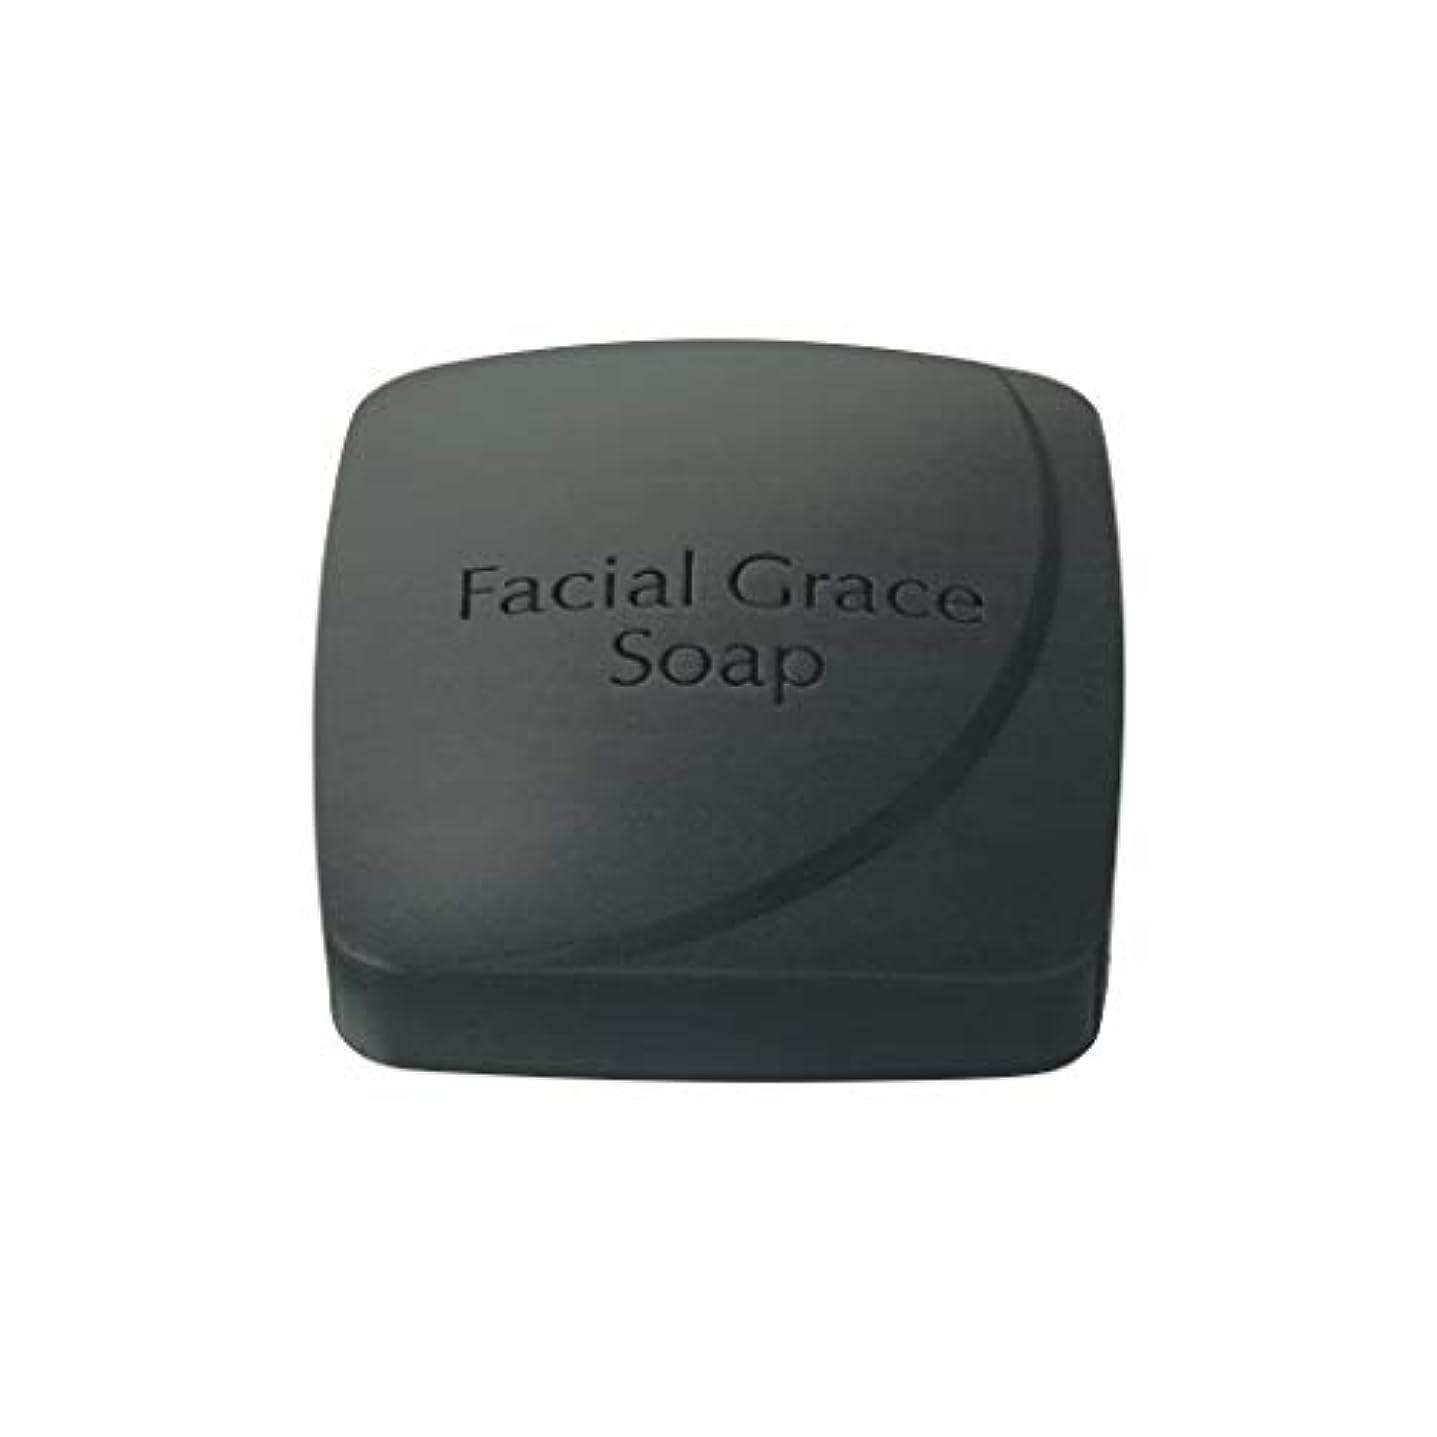 はいカナダドナーアテニア フェイシャルグレイスソープ 石鹸 洗顔 エイジングケア 100g 洗顔せっけん